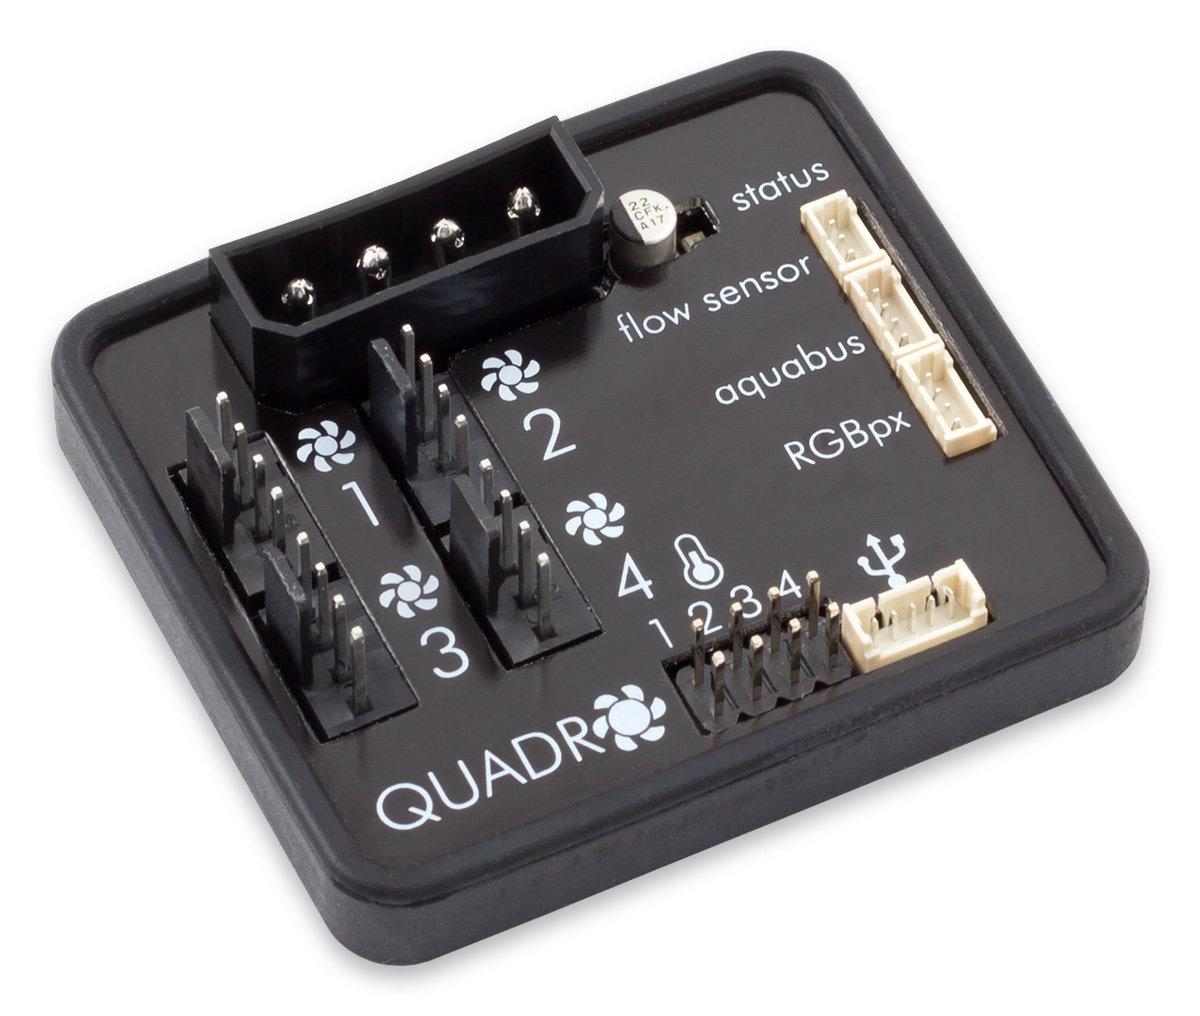 Aqua Computer Quadro: Mini-Version der Aquaero-Lüftersteuerung